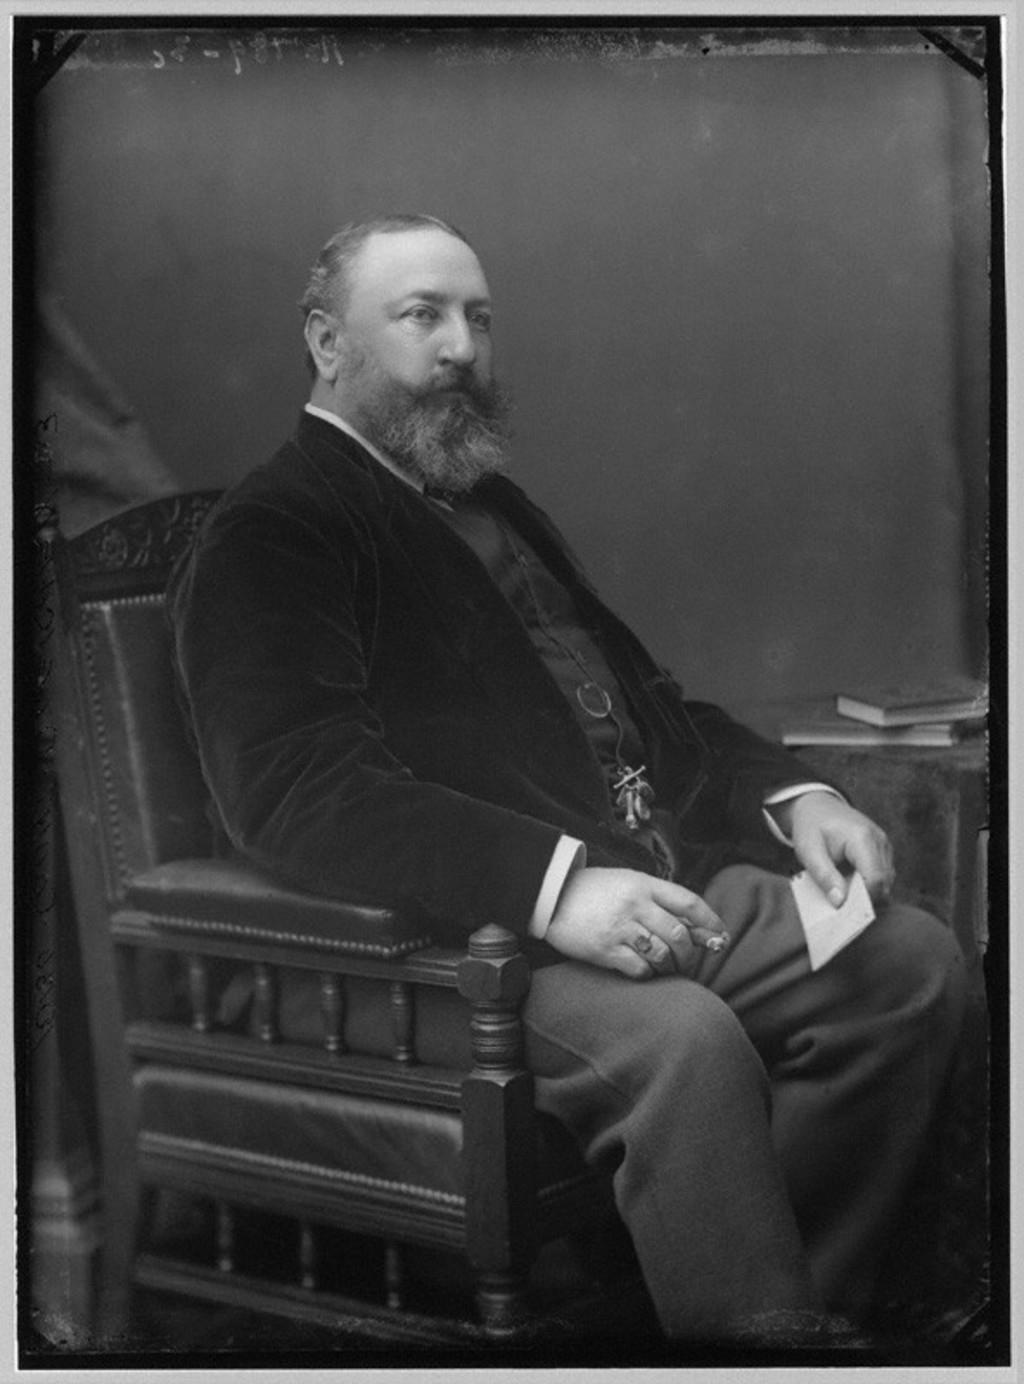 Hohenlohe-Langenburg, Prince Viktor